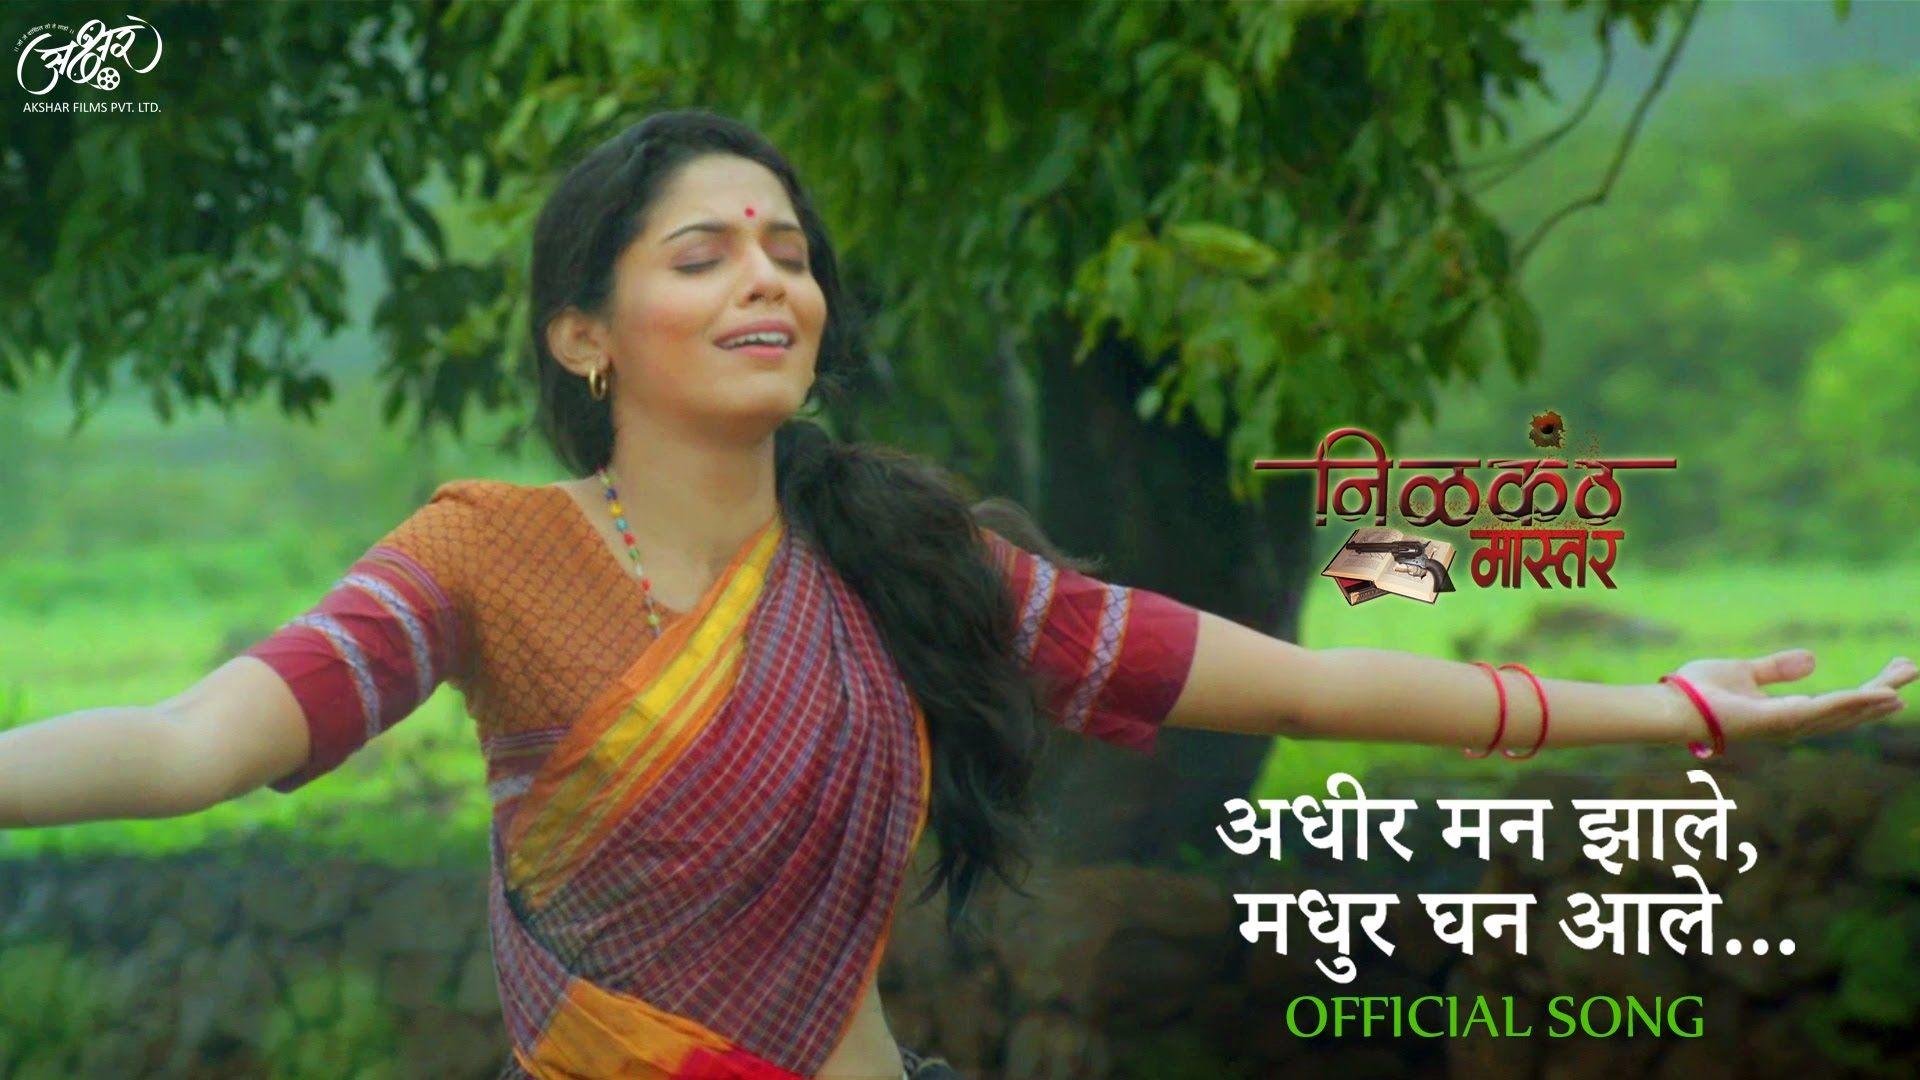 Adhir Man Zale Madhur Ghan Aale Full Hd Song Nilkanth Master Marathi Song Songs Devotional Songs